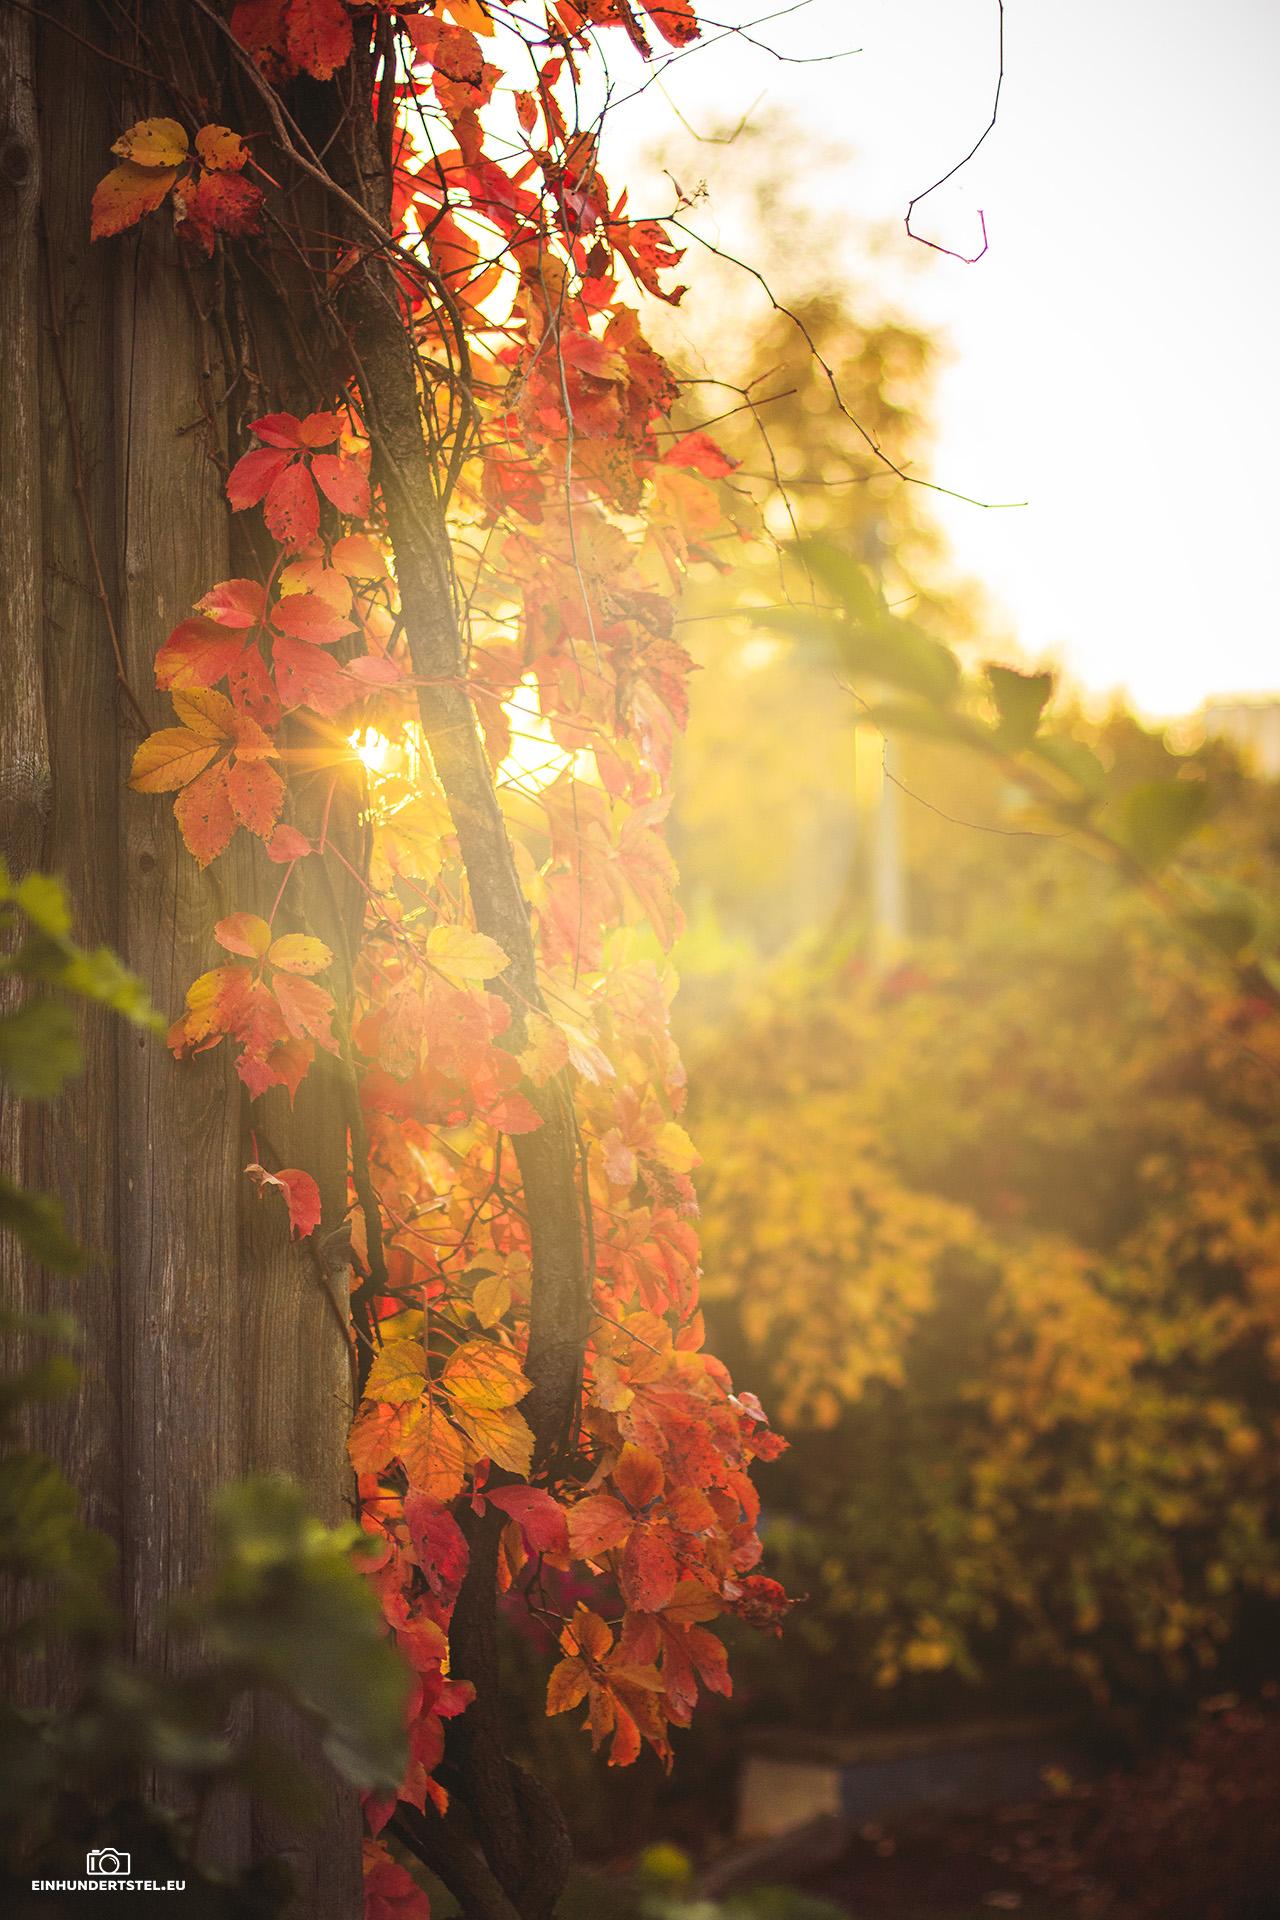 Bild zeigt herbstlich rote Blätter überblendet von Sonnenstrahlen